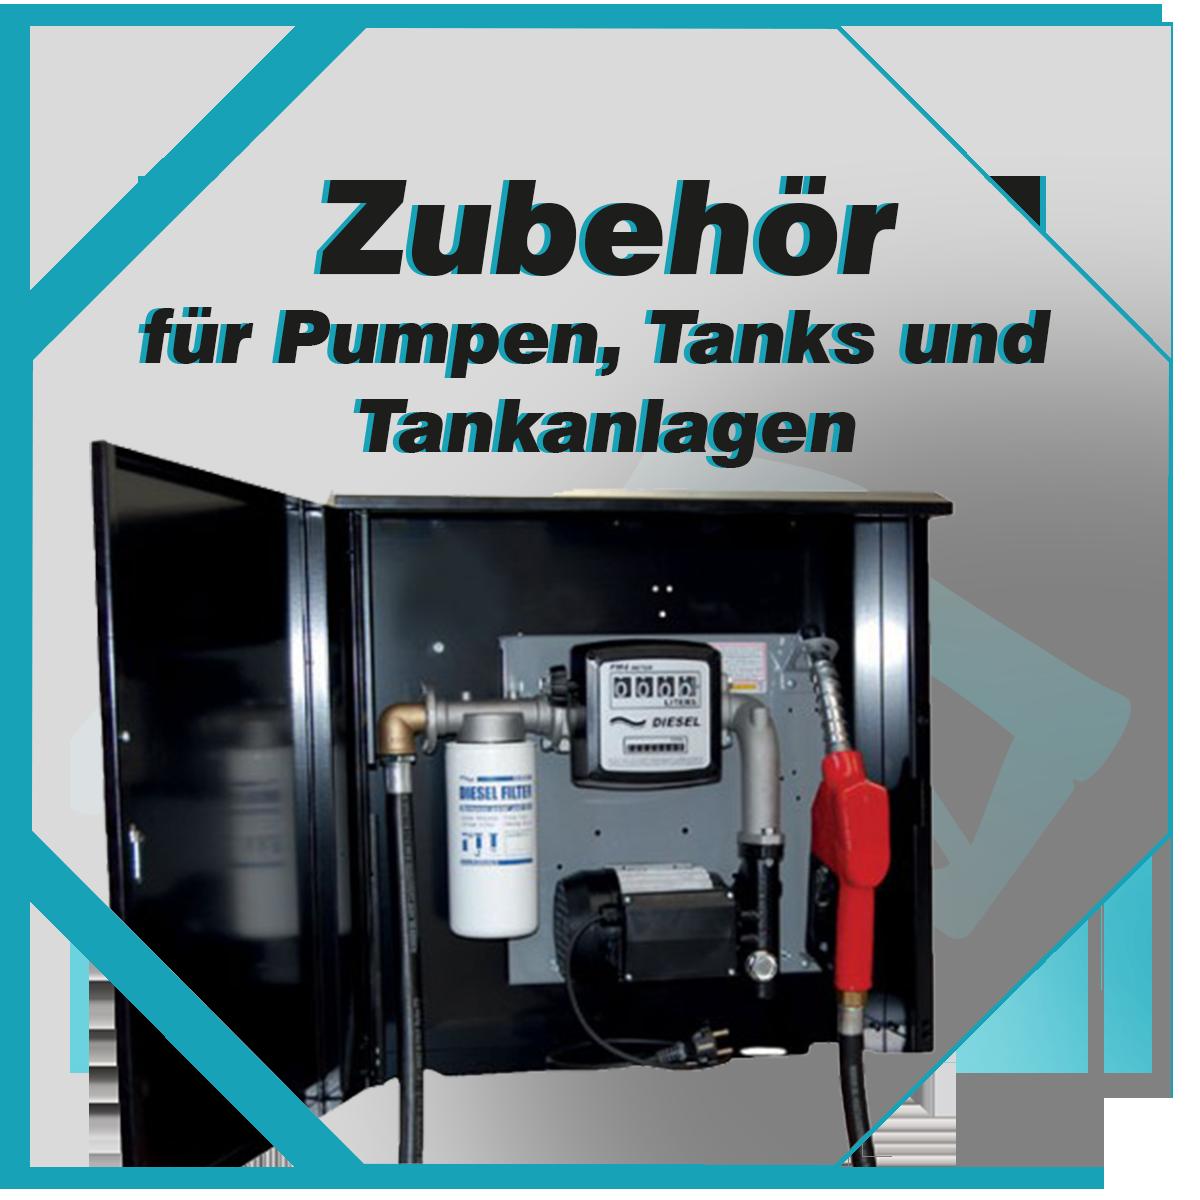 Verkauf von Zubehör für Pumpen, Tanks und Tankanlagen